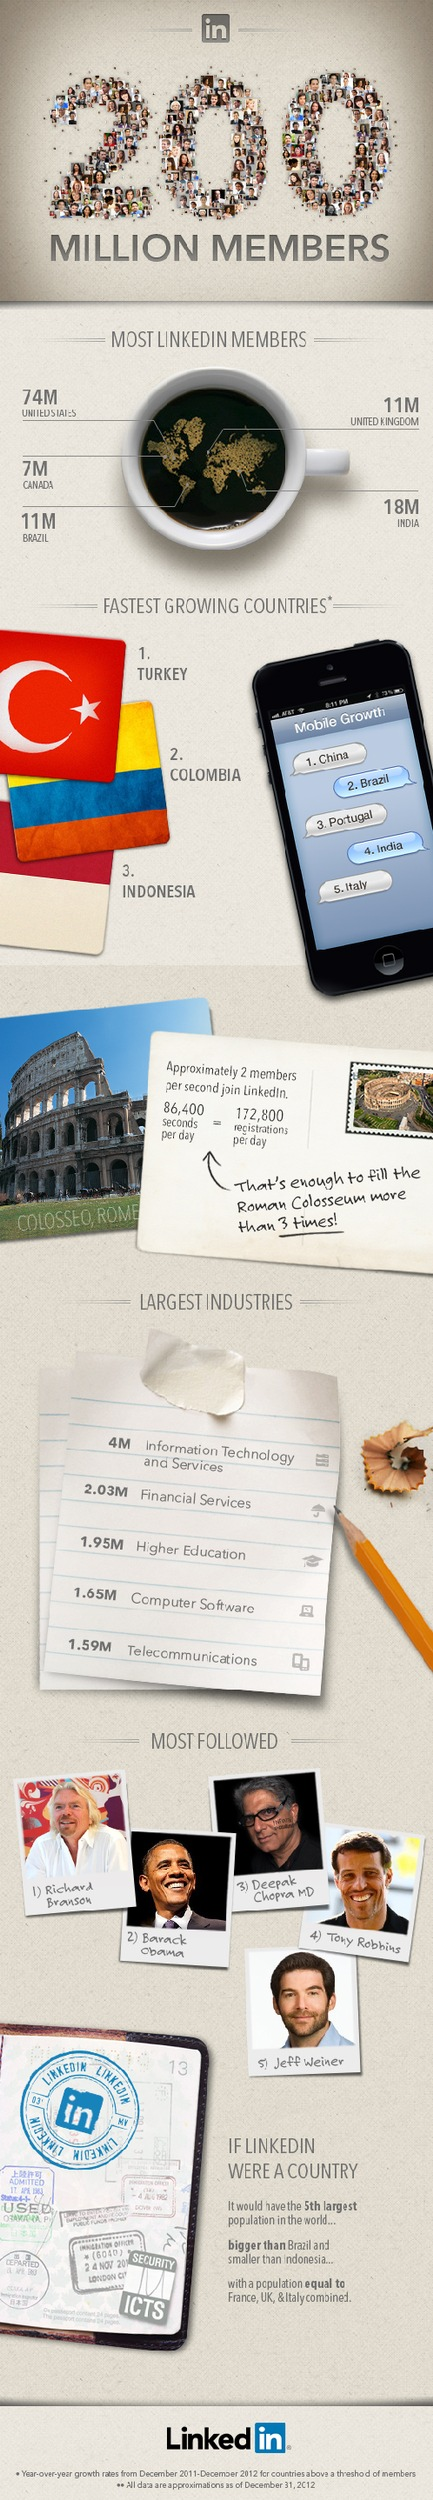 LinkedIn knackt weltweit 200 Millionen-Mitglieder-Marke